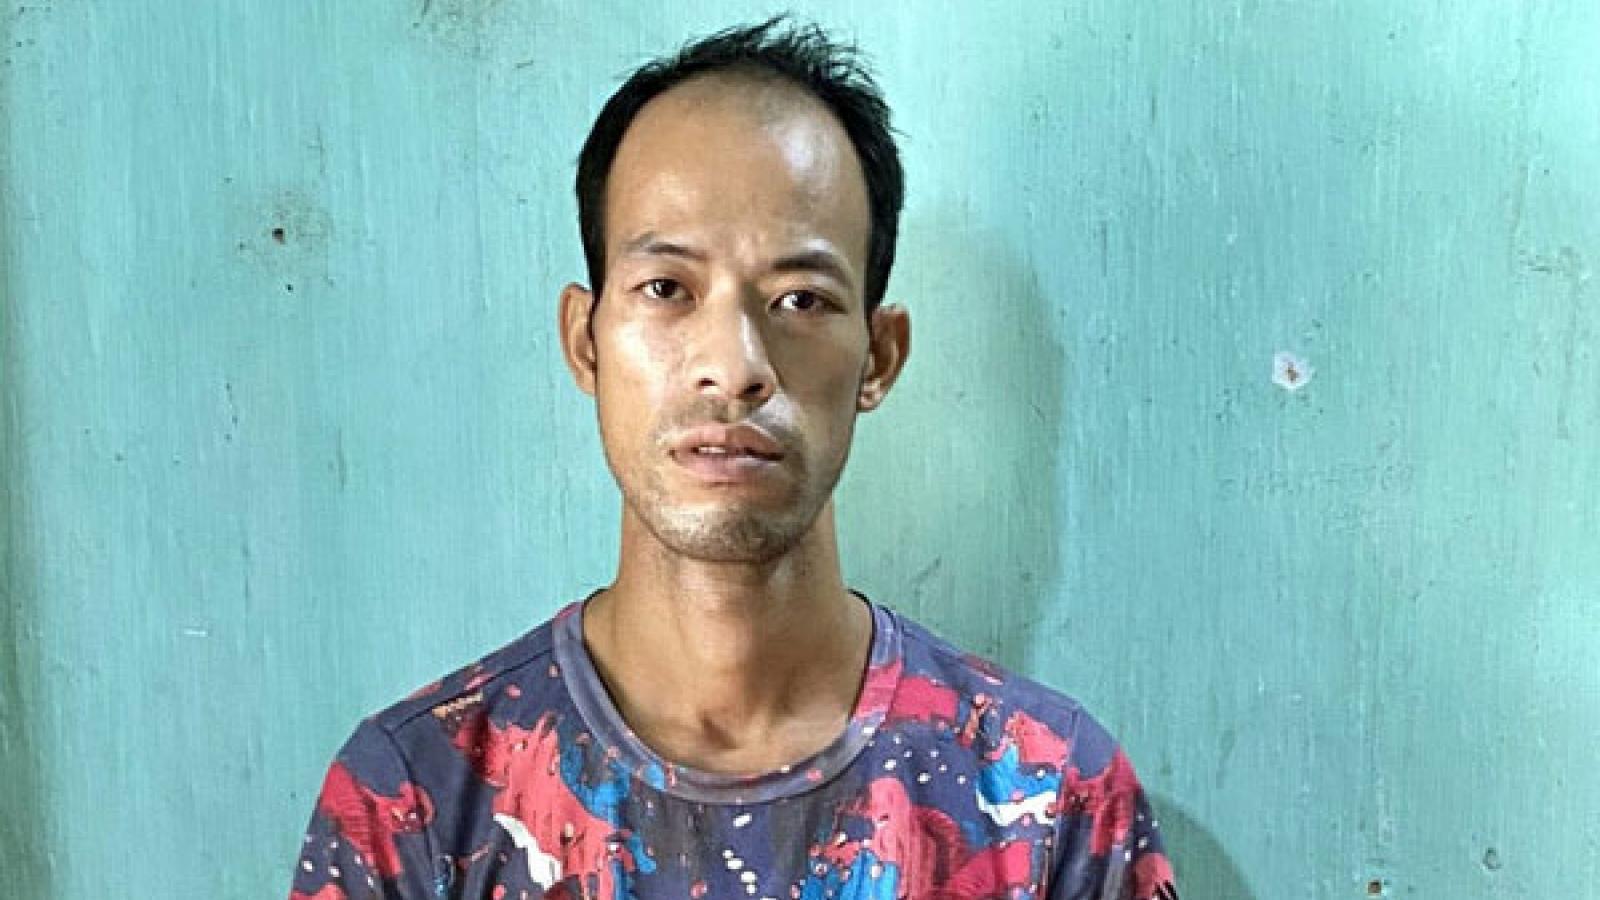 Nóng 24h: Nguyên nhân vụ chồng đâm chết vợ đang mang thai 4 tháng